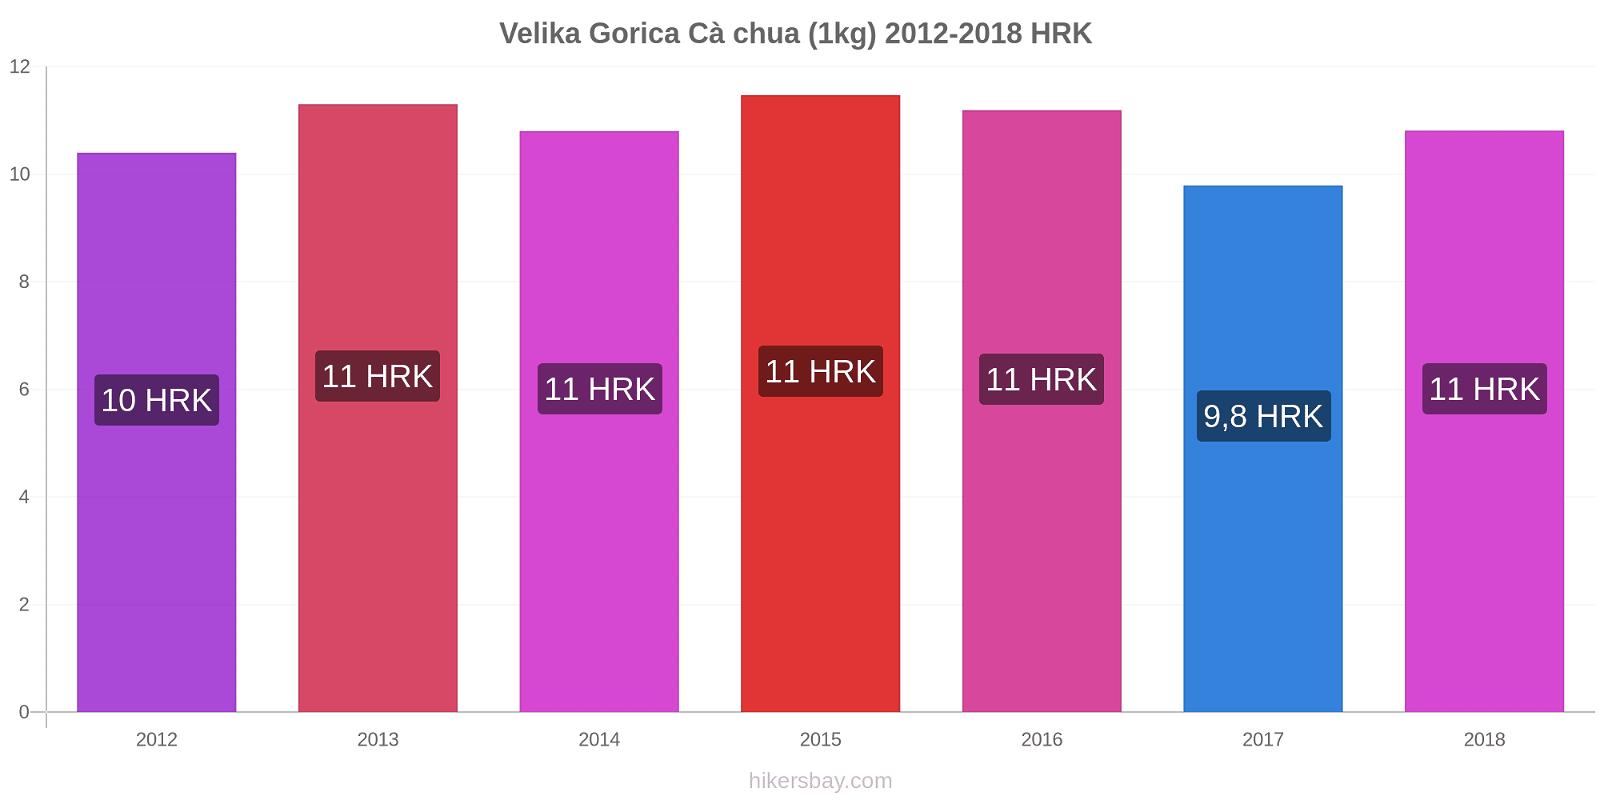 Velika Gorica thay đổi giá Cà chua (1kg) hikersbay.com